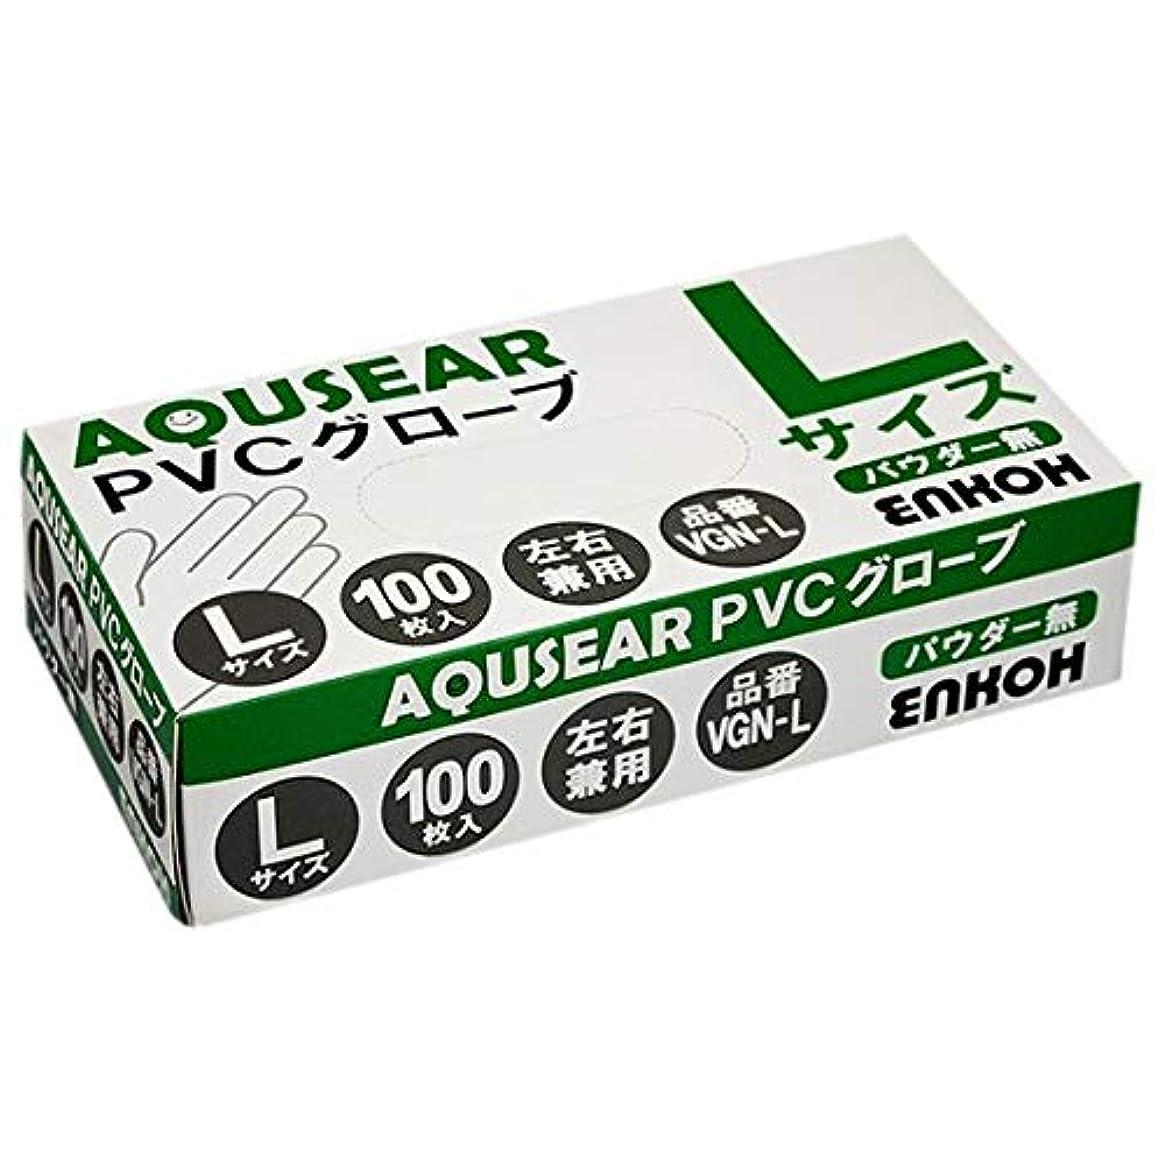 近似クラブ本体AQUSEAR PVC プラスチックグローブ Lサイズ パウダー無 VGN-L 100枚×20箱